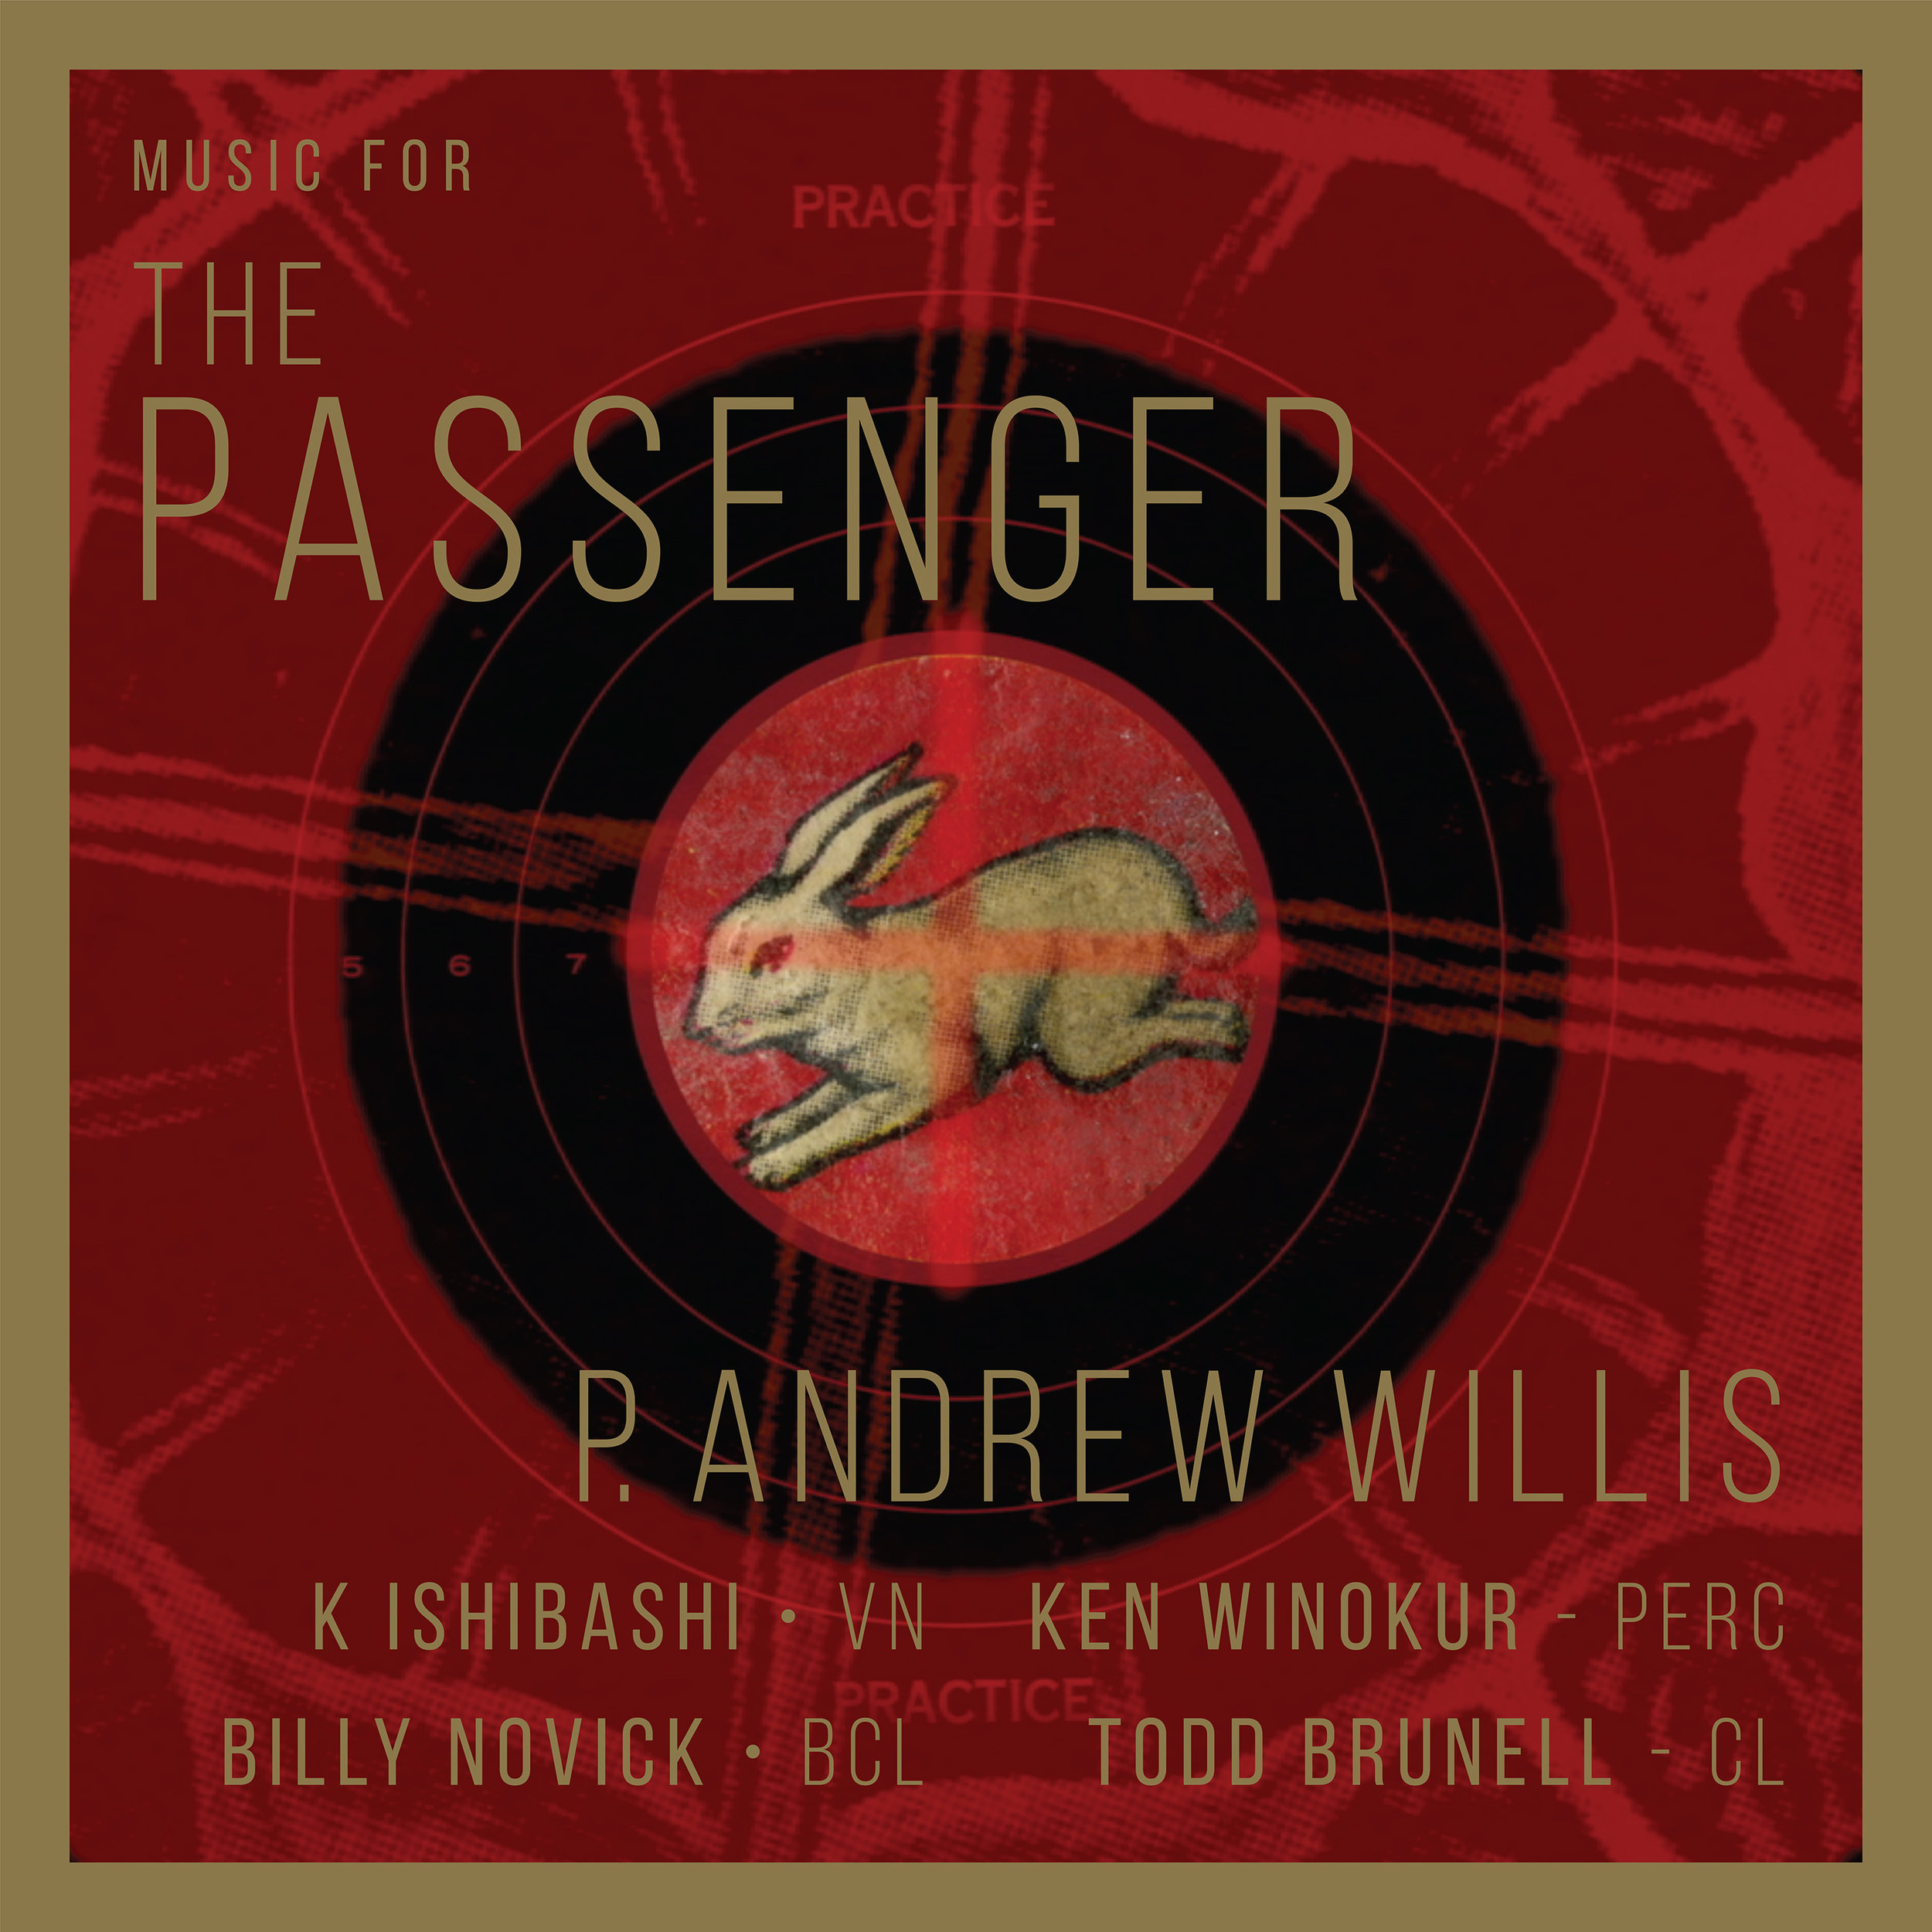 PAndrewWillis_THE-PASSENGER_cover_1400px.jpg